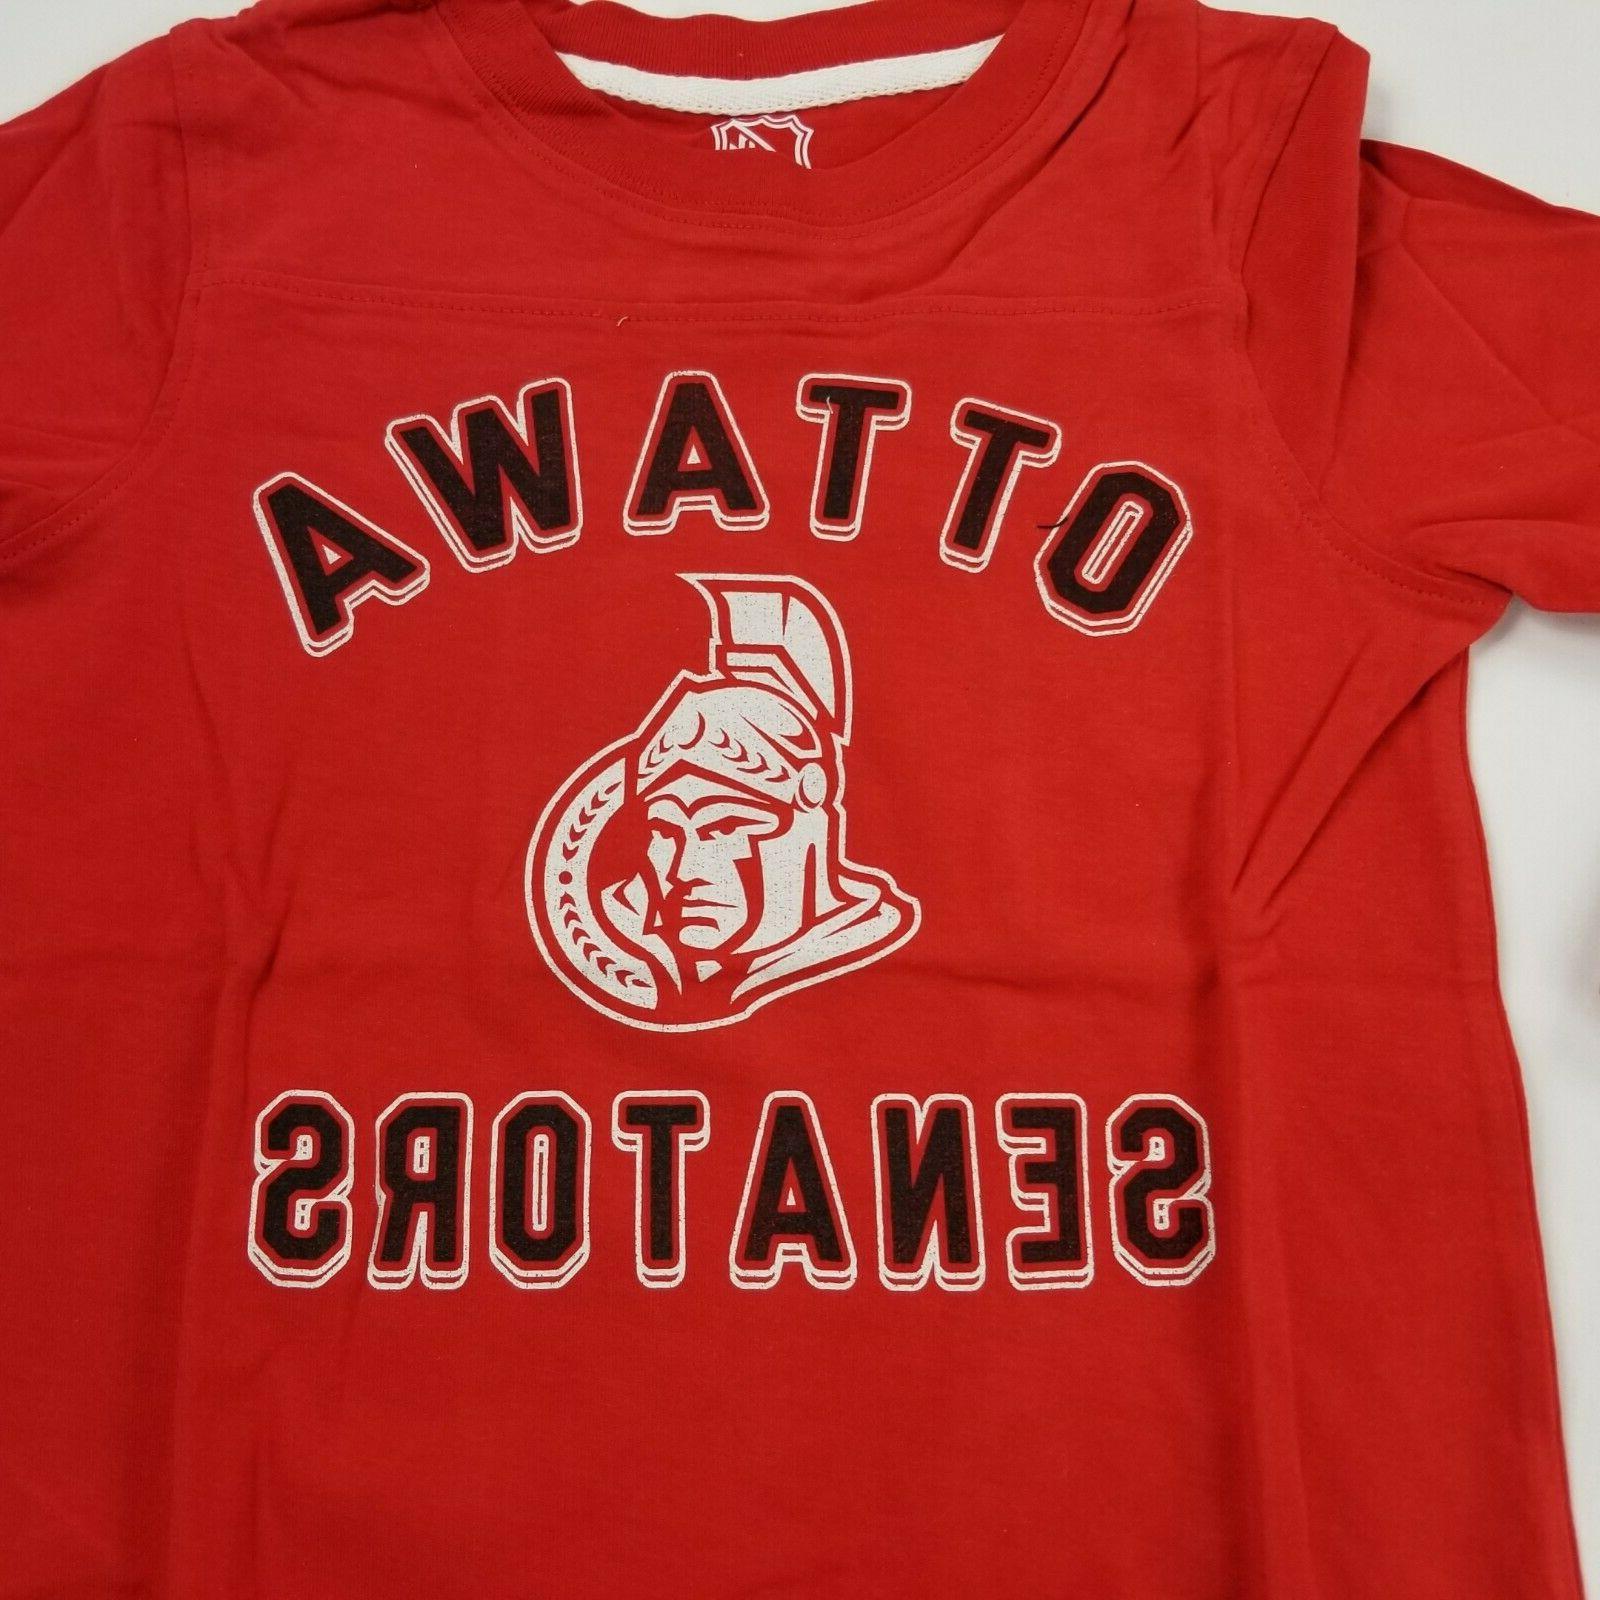 Ottawa Senators T Red Crew Neck 5/6 ffad